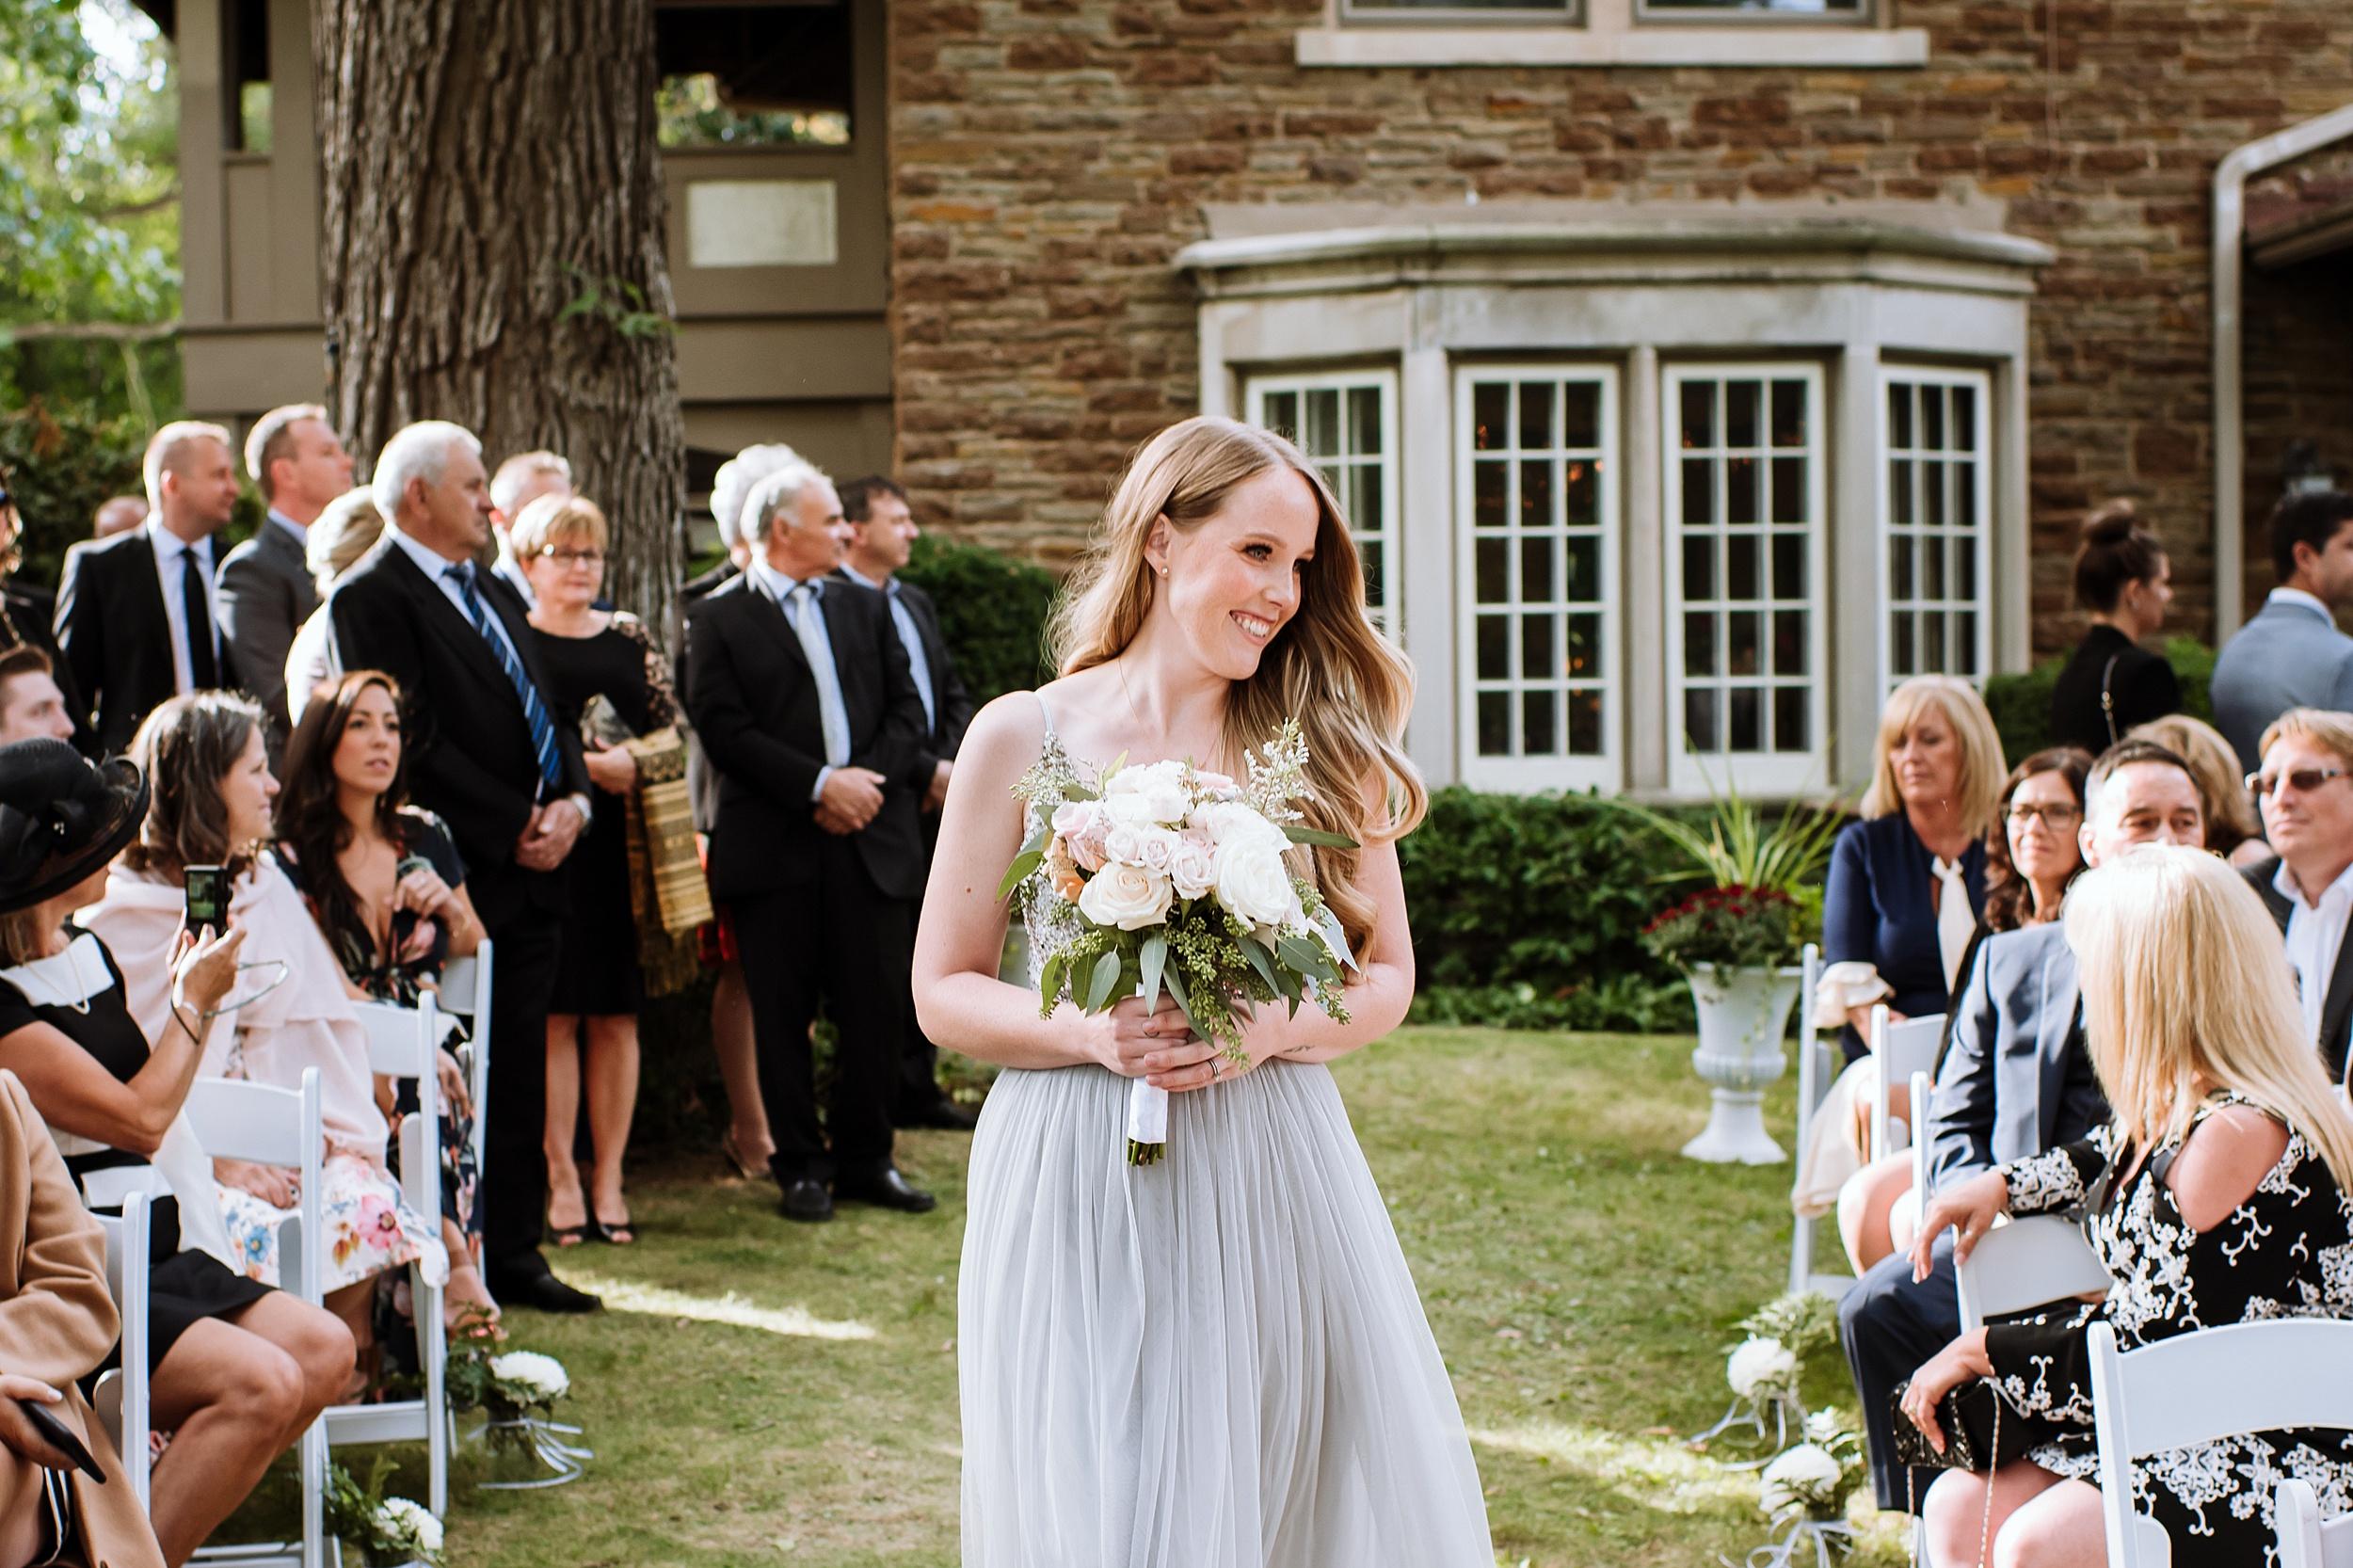 Rustic_Backyard_Wedding_Toronto_Photographer090.jpg